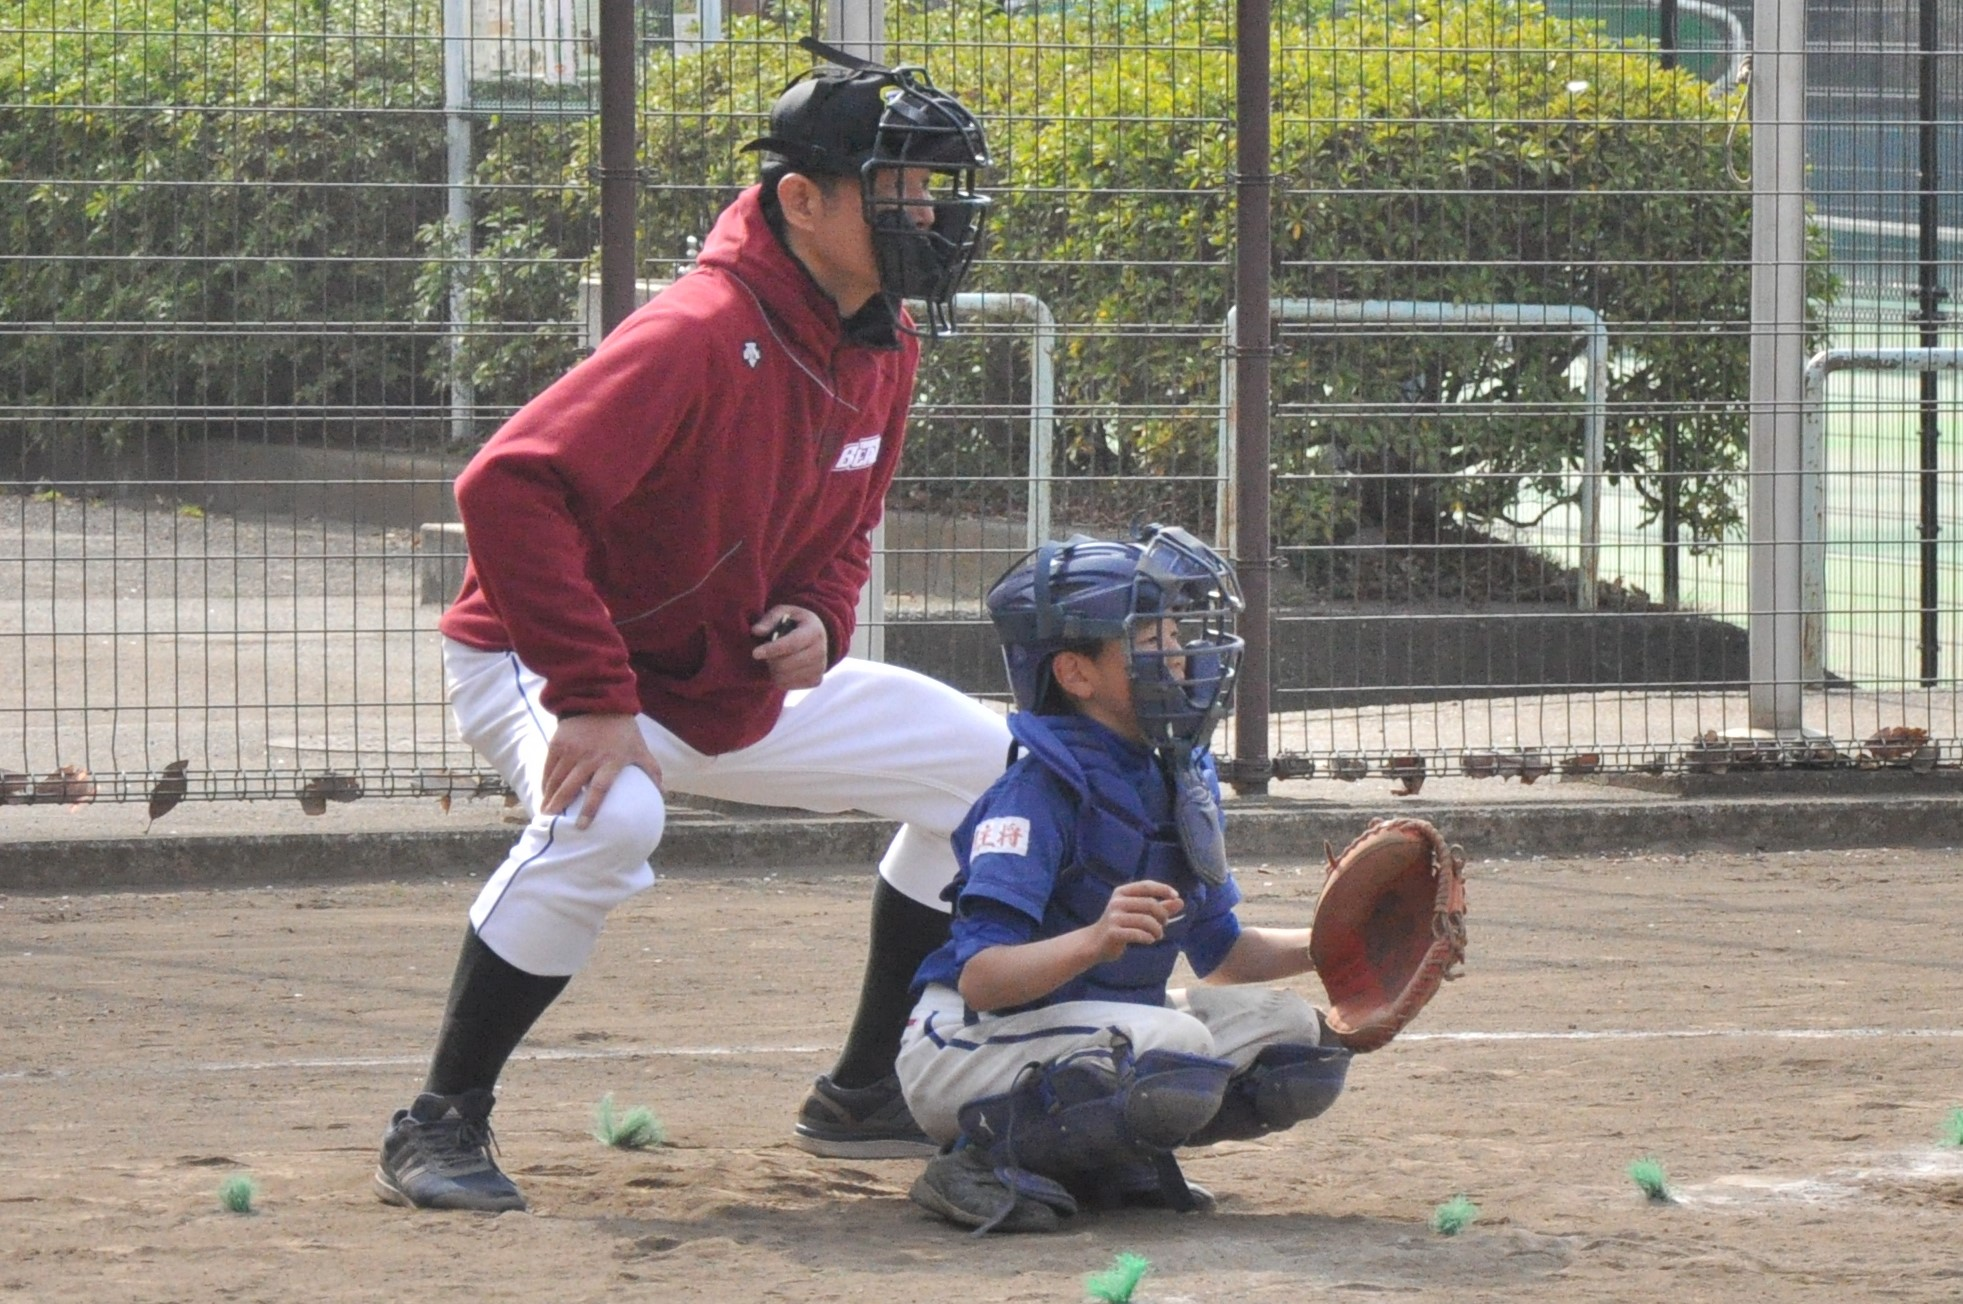 ストライク ベース ボール